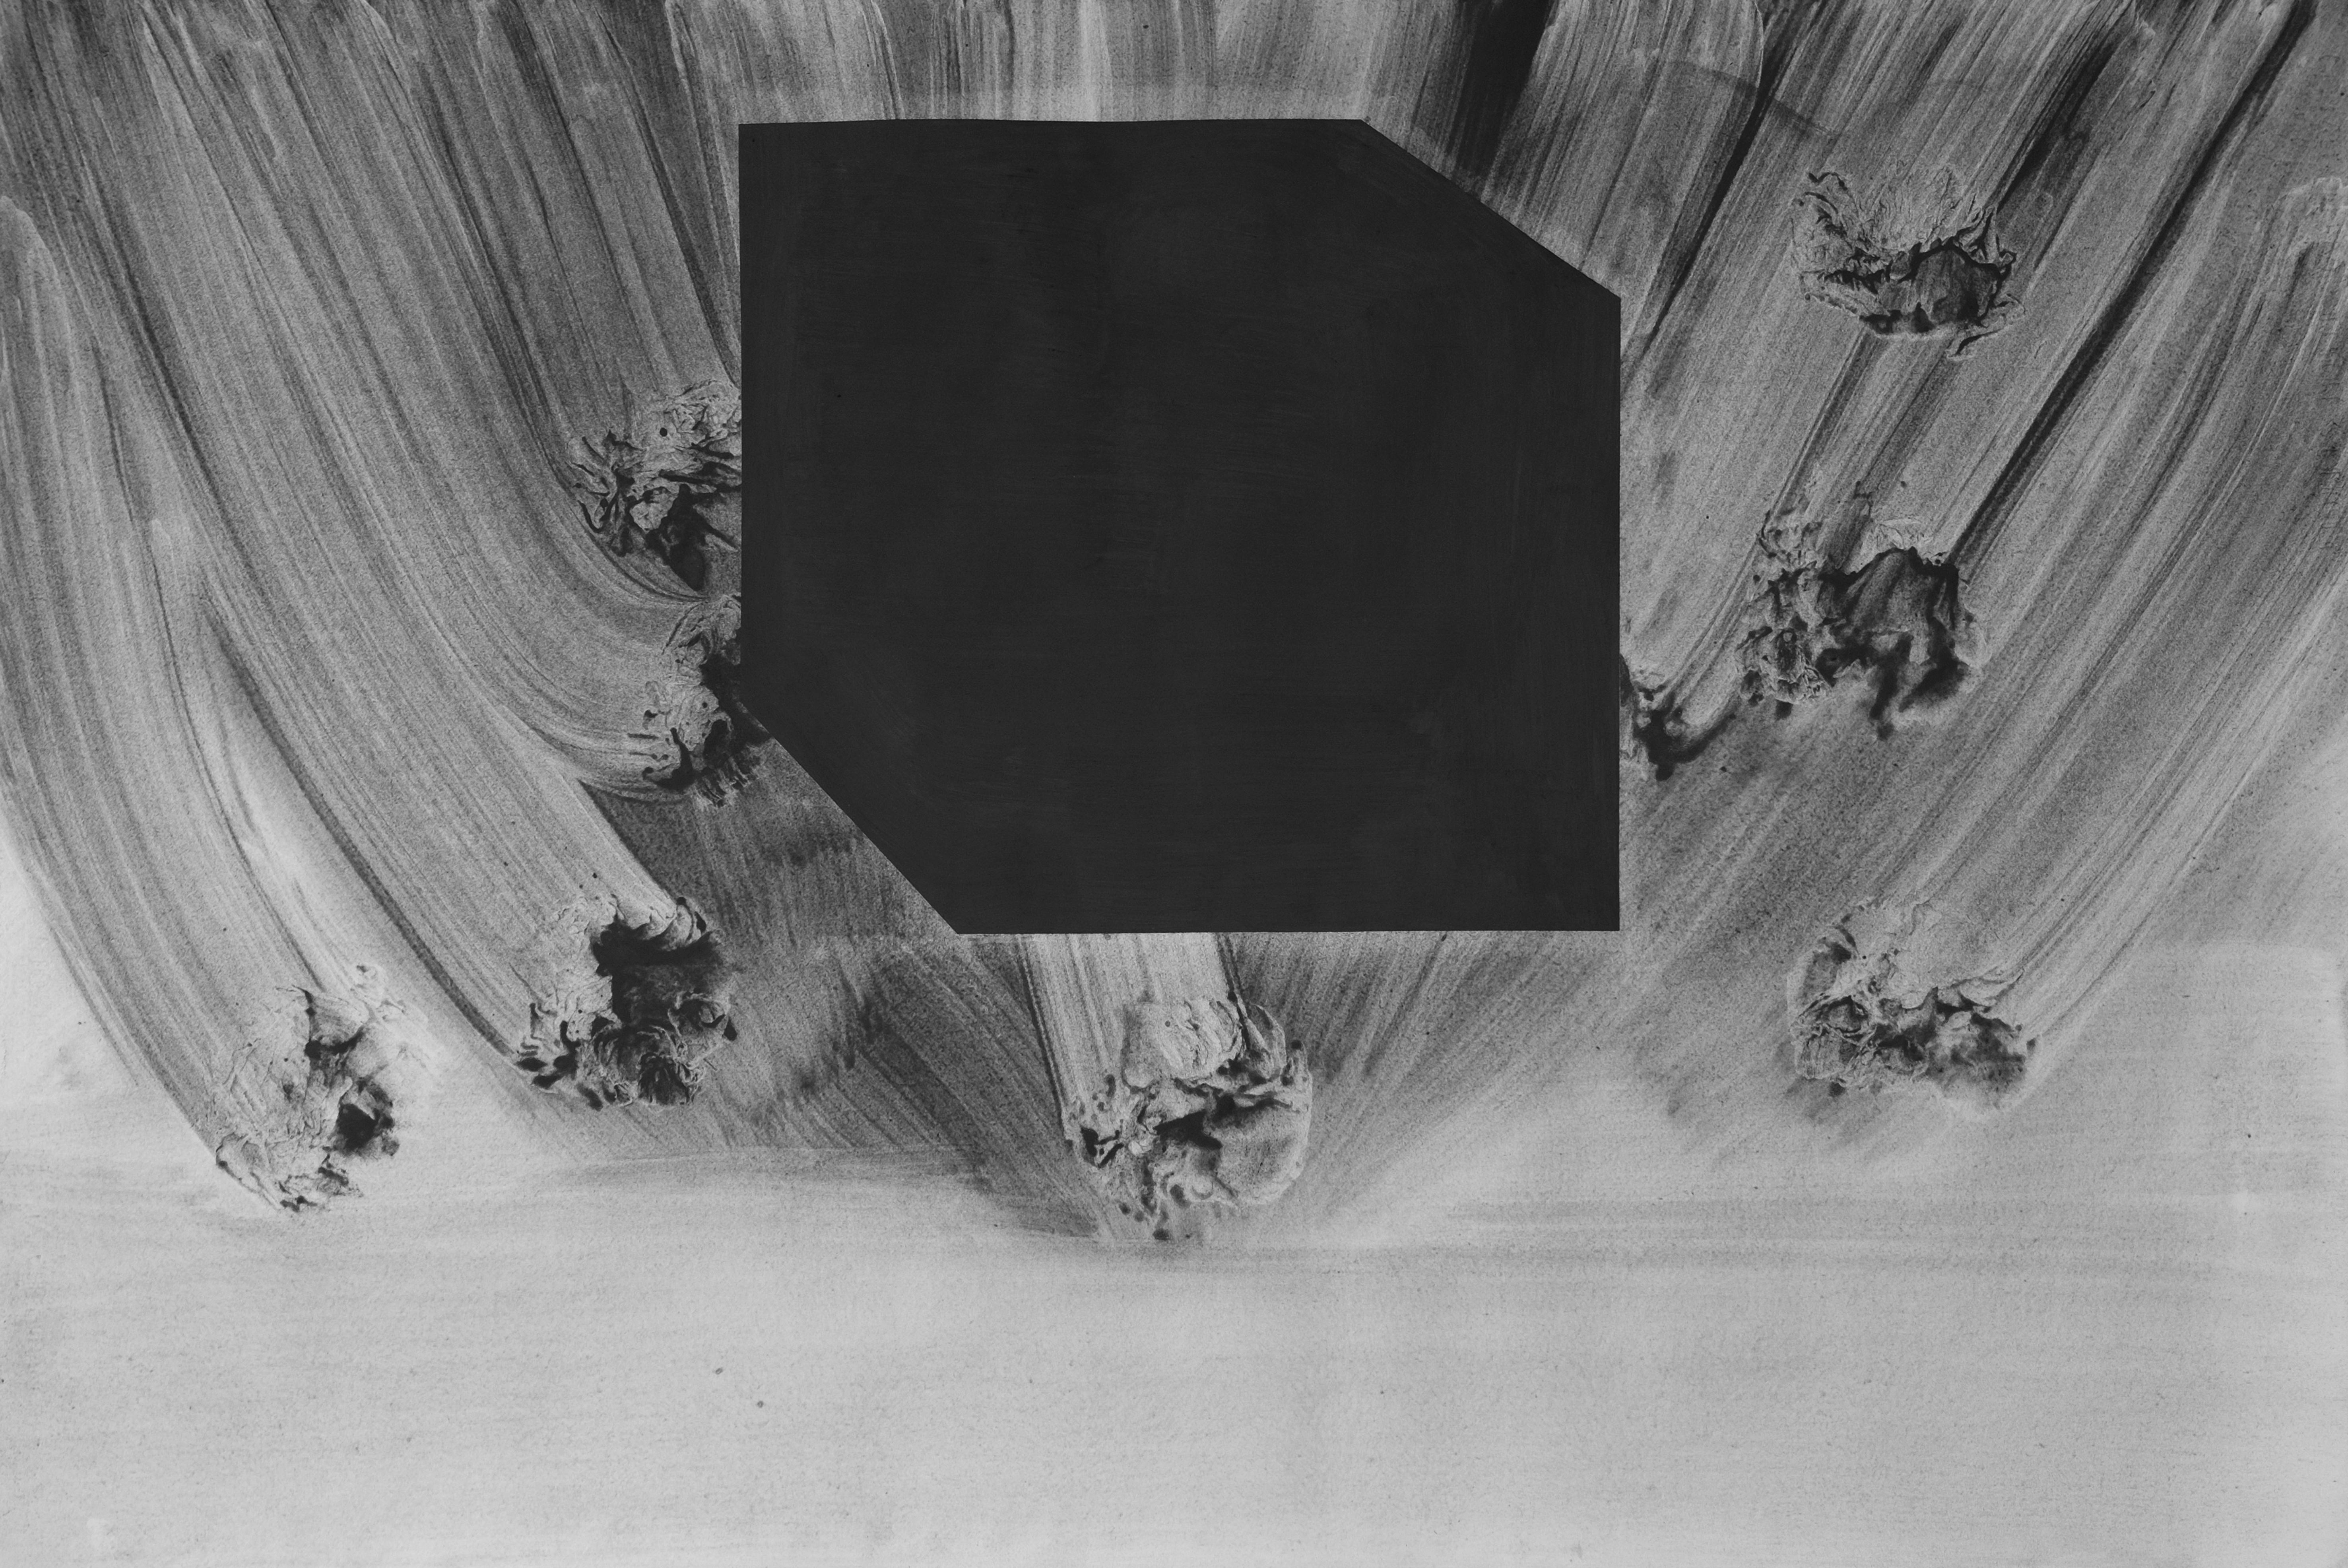 Alessio De Girolamo, Cube138, pittura dissipativa su carta, 75x108 cm